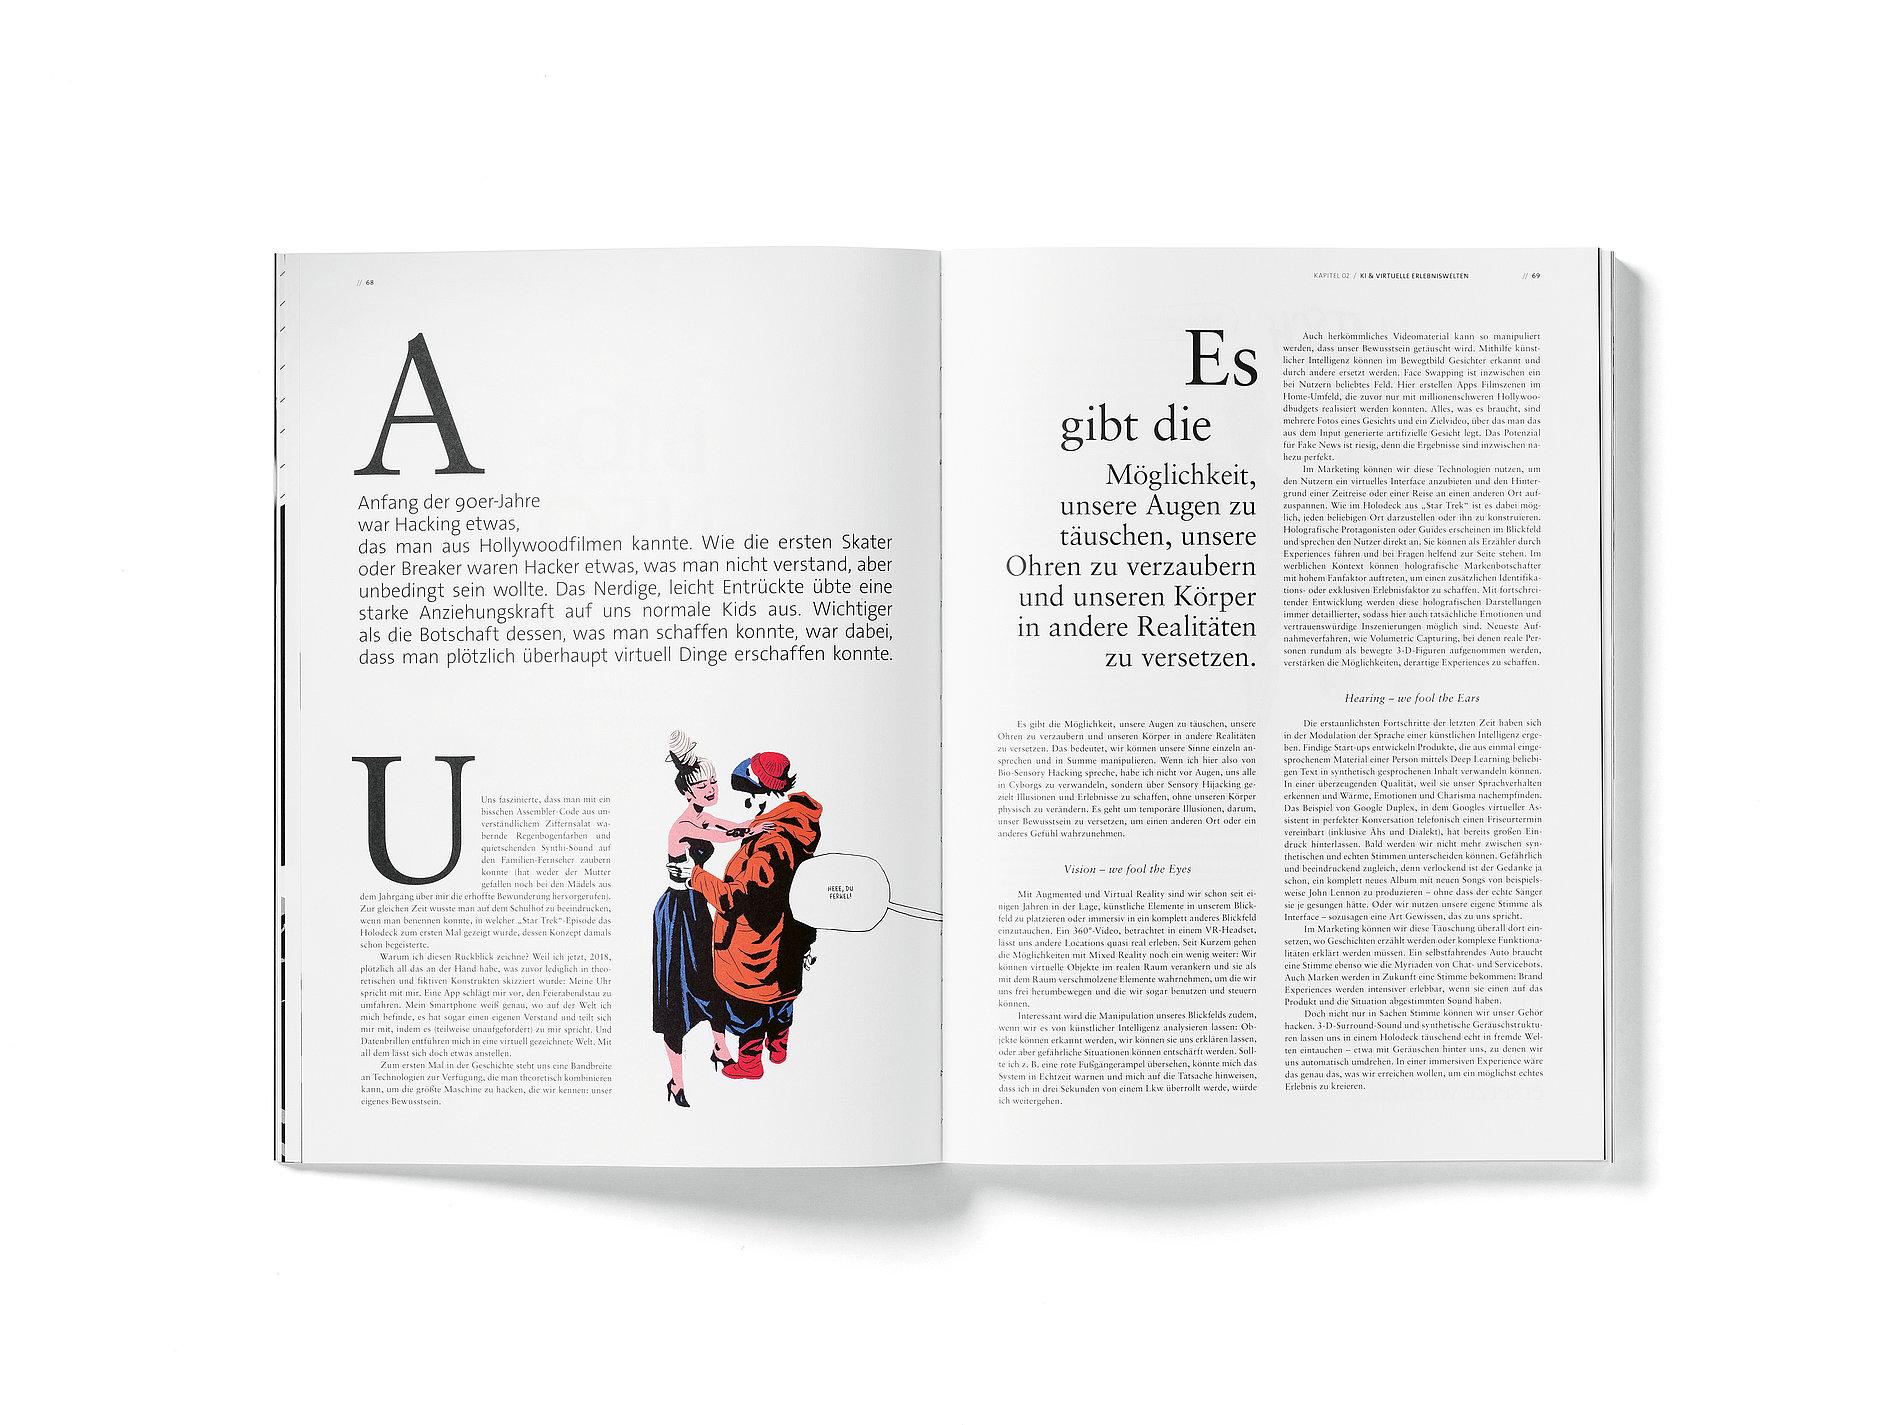 TWELVE – Das Magazin für Marken, Medien und Kommunikation | Red Dot Design Award